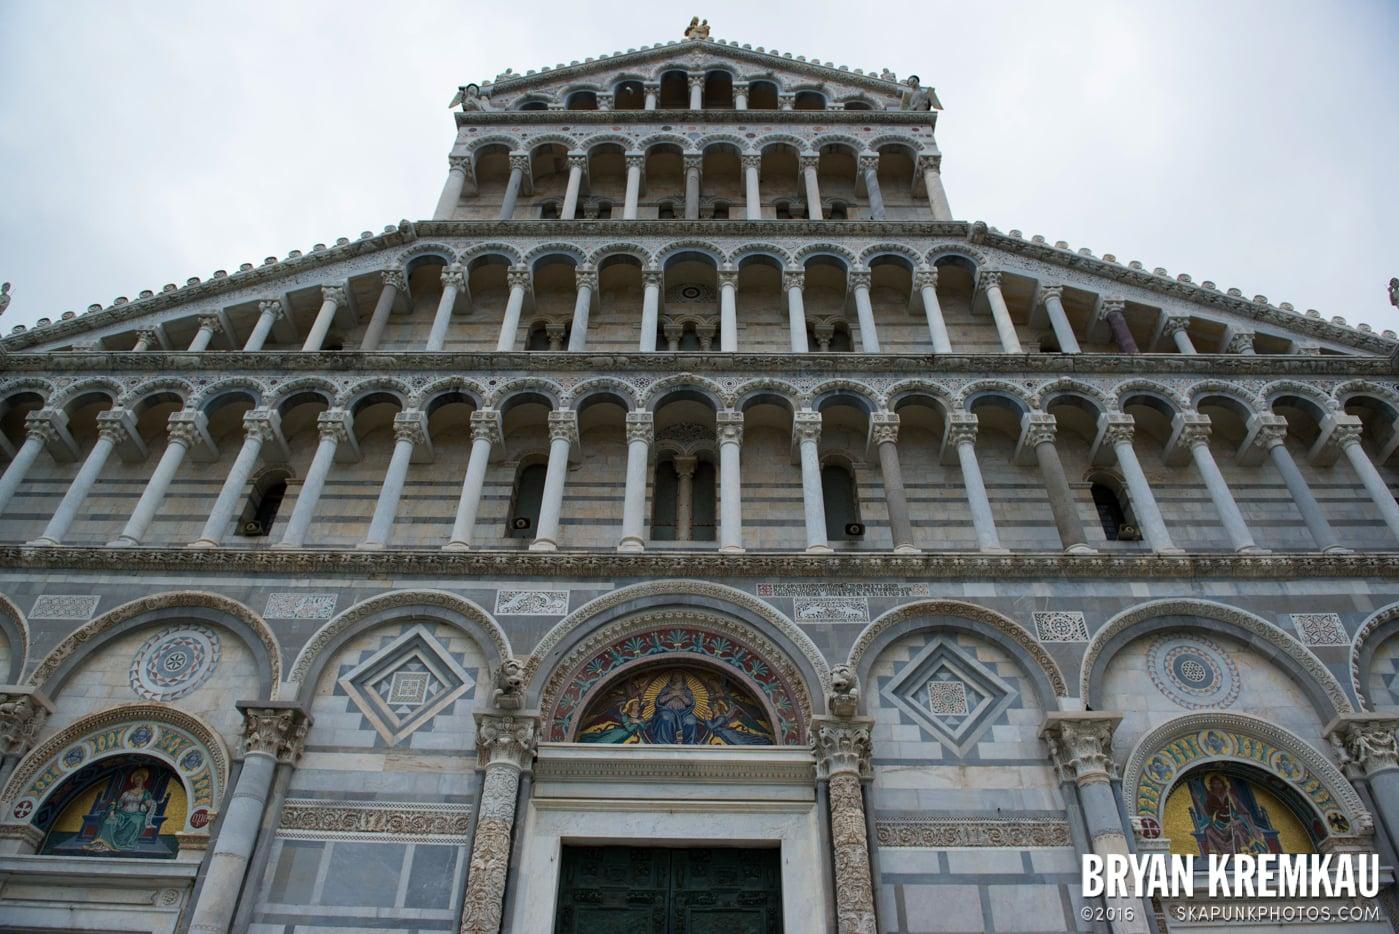 Italy Vacation - Day 8: Siena, San Gimignano, Chianti, Pisa - 9.16.13 (33)